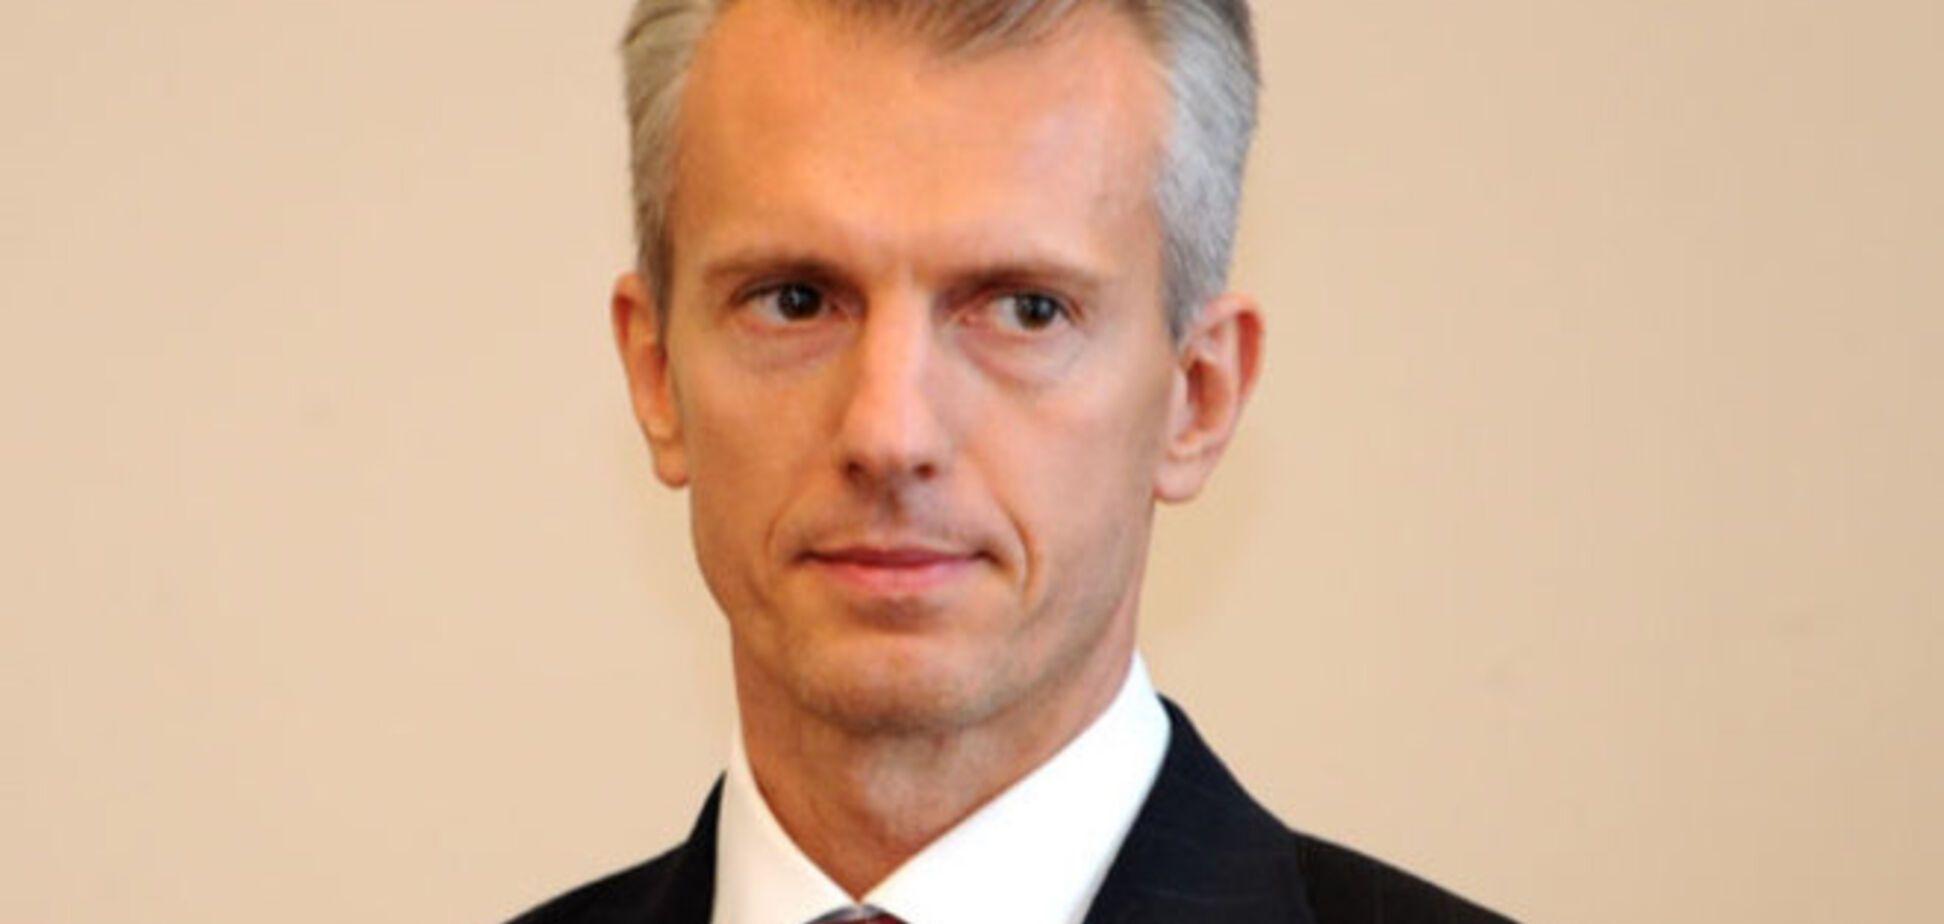 Регистрацию Хорошковского обжаловали в суде